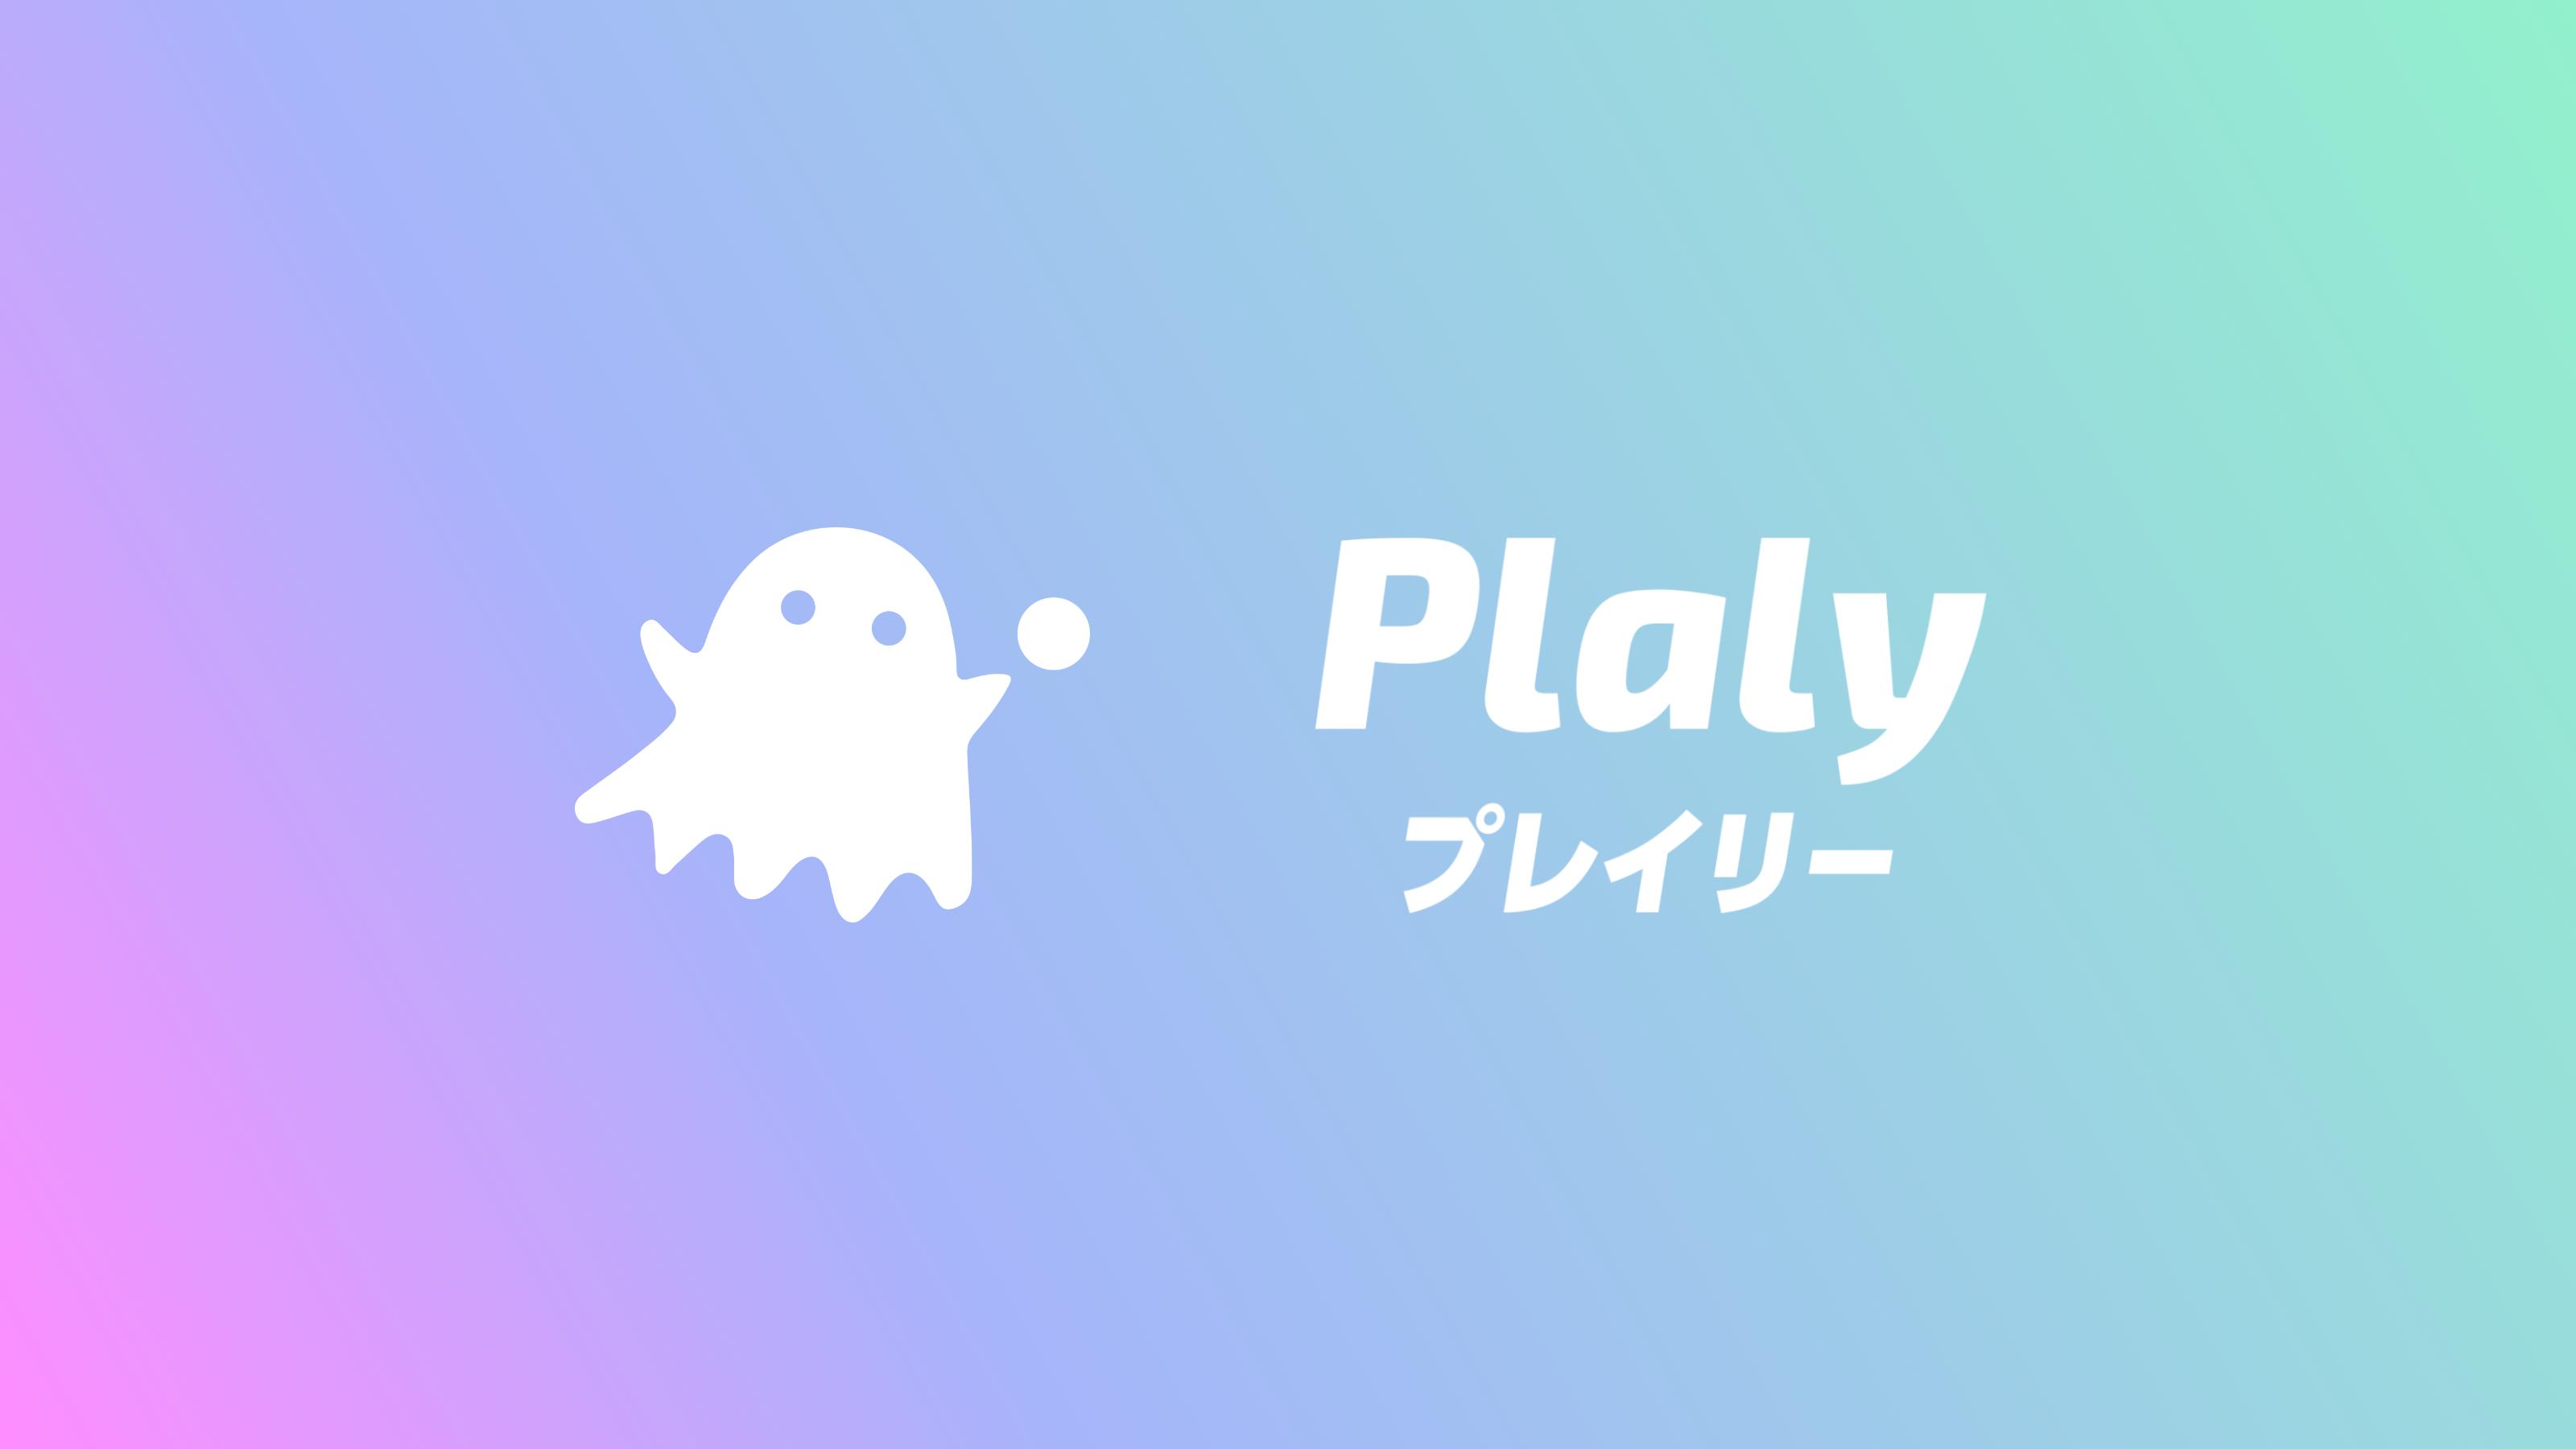 iOSアプリ「Plaly」の開発・運用